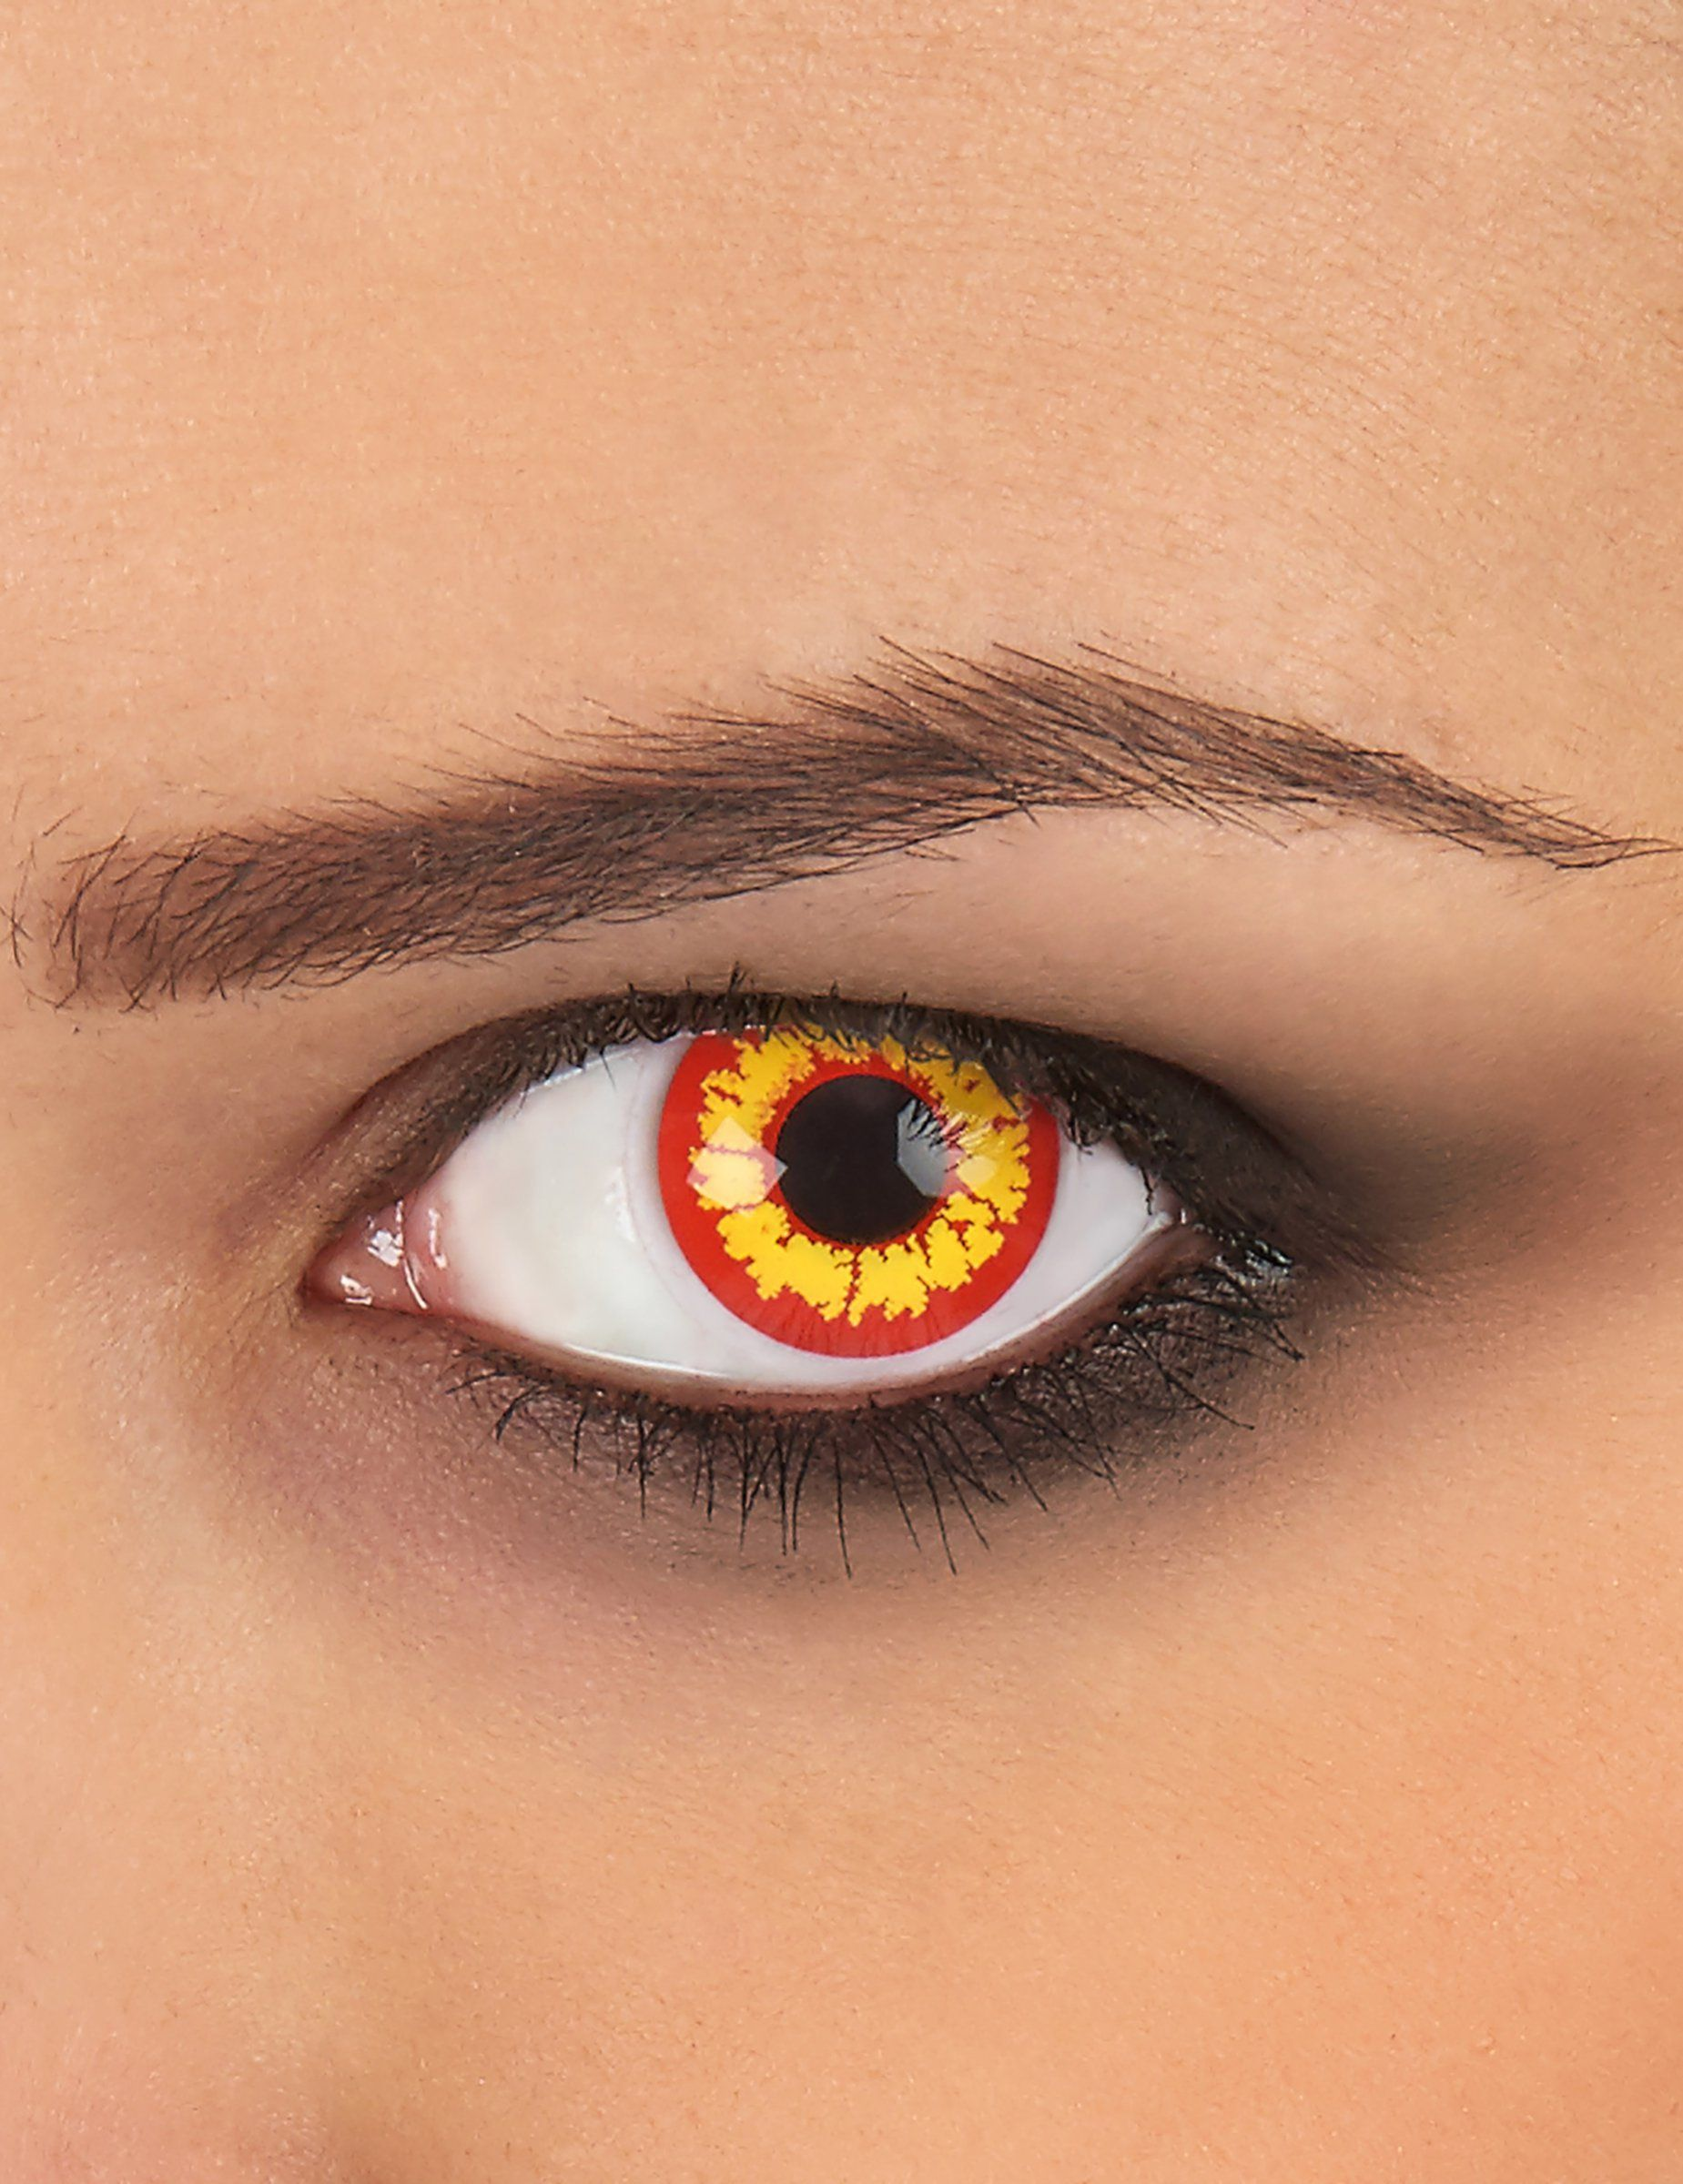 9c0f53f58e395 Estas lentes de contacto de color amarillo y rojo son perfectas para  completar tu disfaz de demonio en tu fiesta de Halloween.